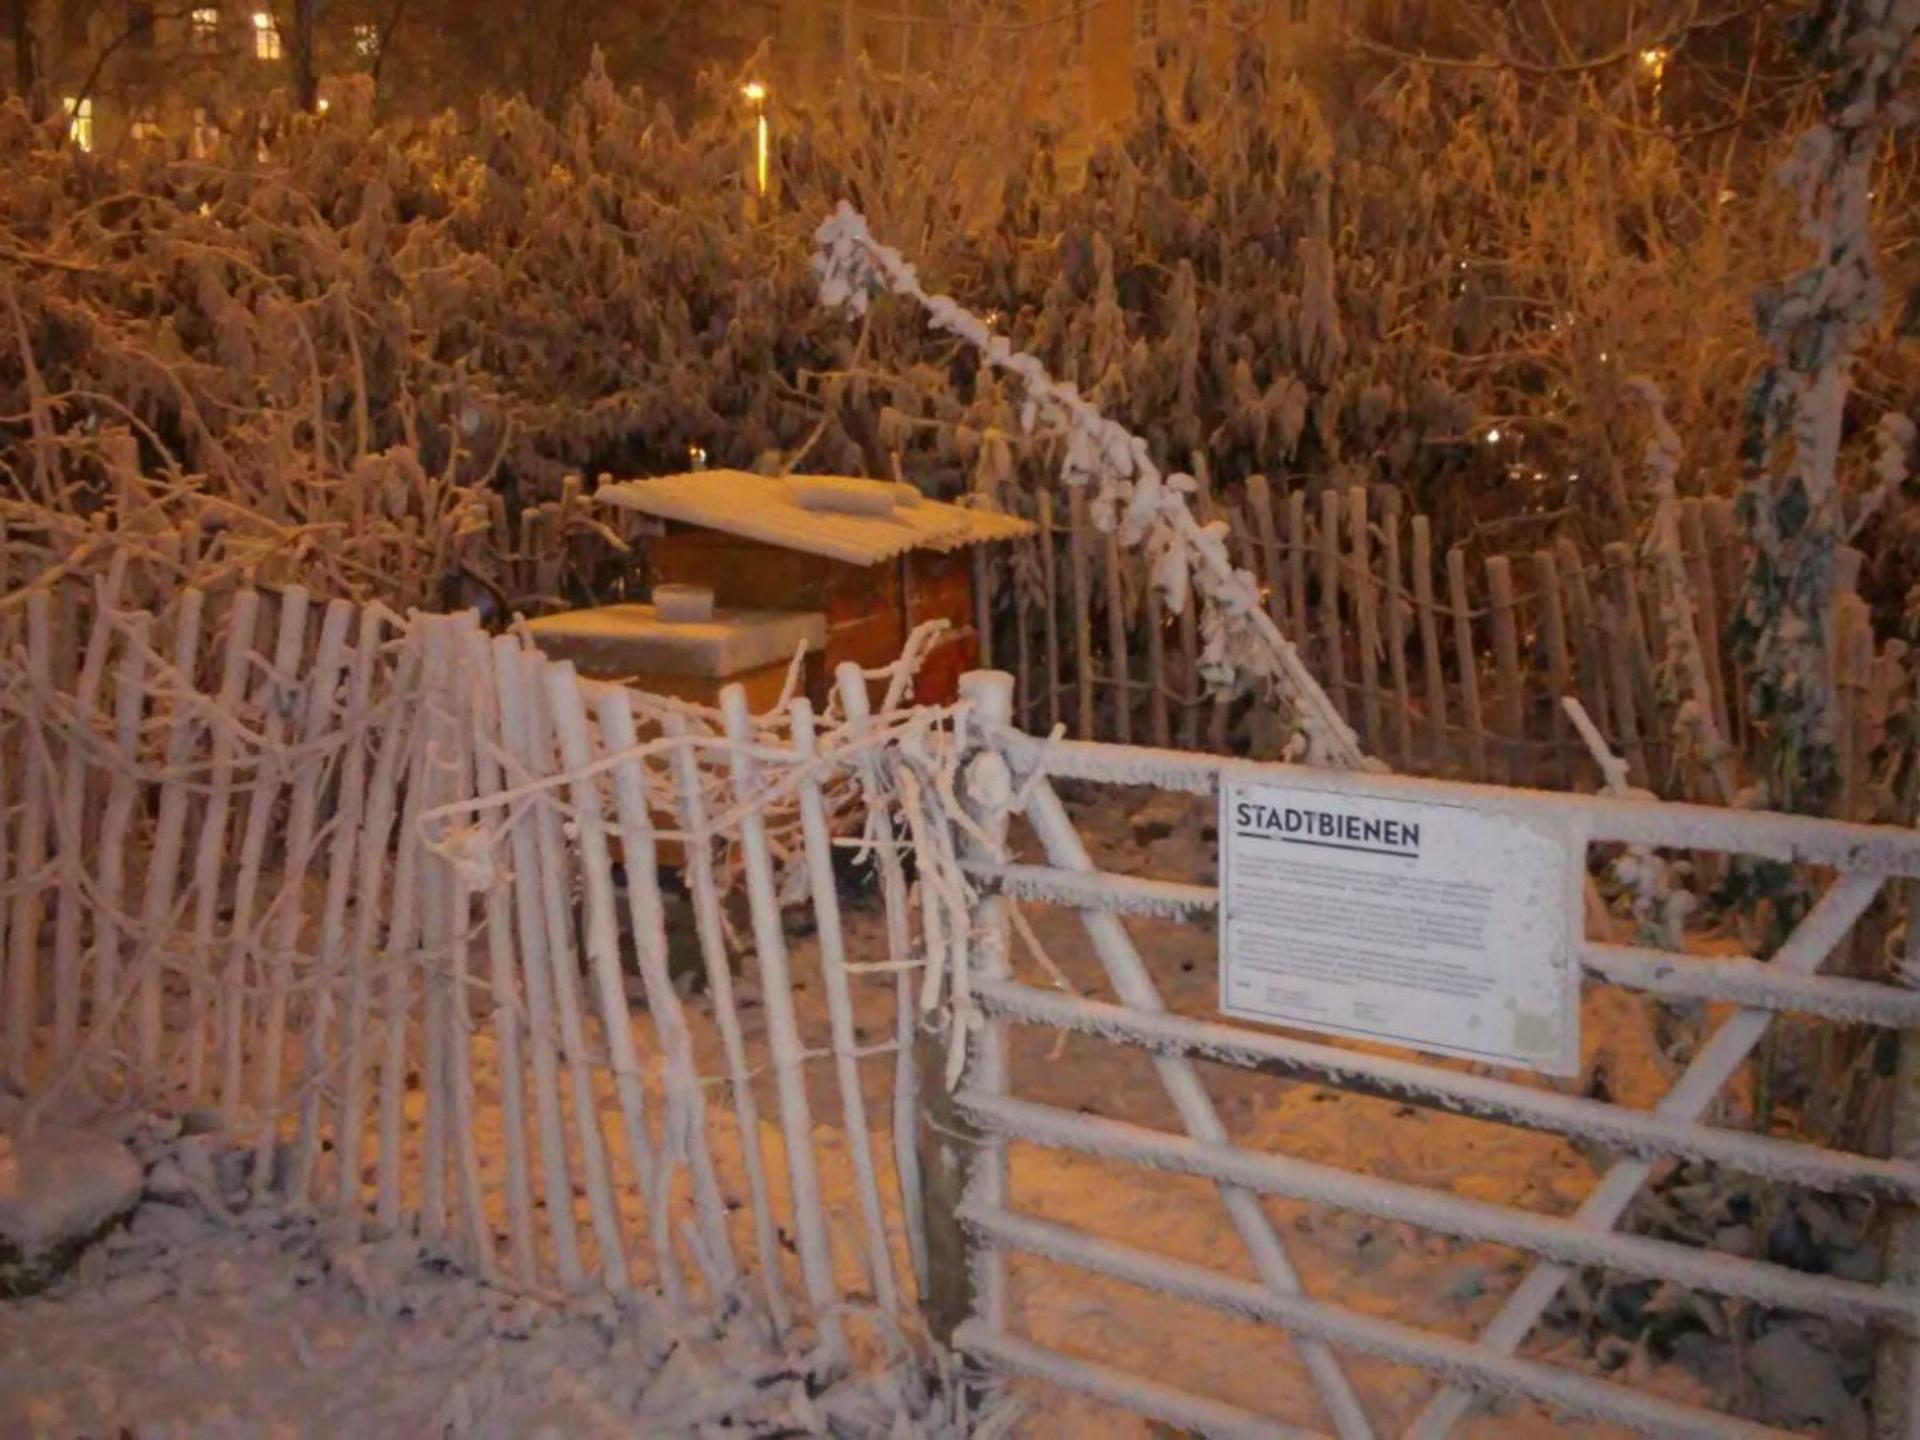 Vor allem brauchen die Bienen im Winter viel Ruhe. - Photocredit: bienenzentrum.wien/Marian Aschenbrenner